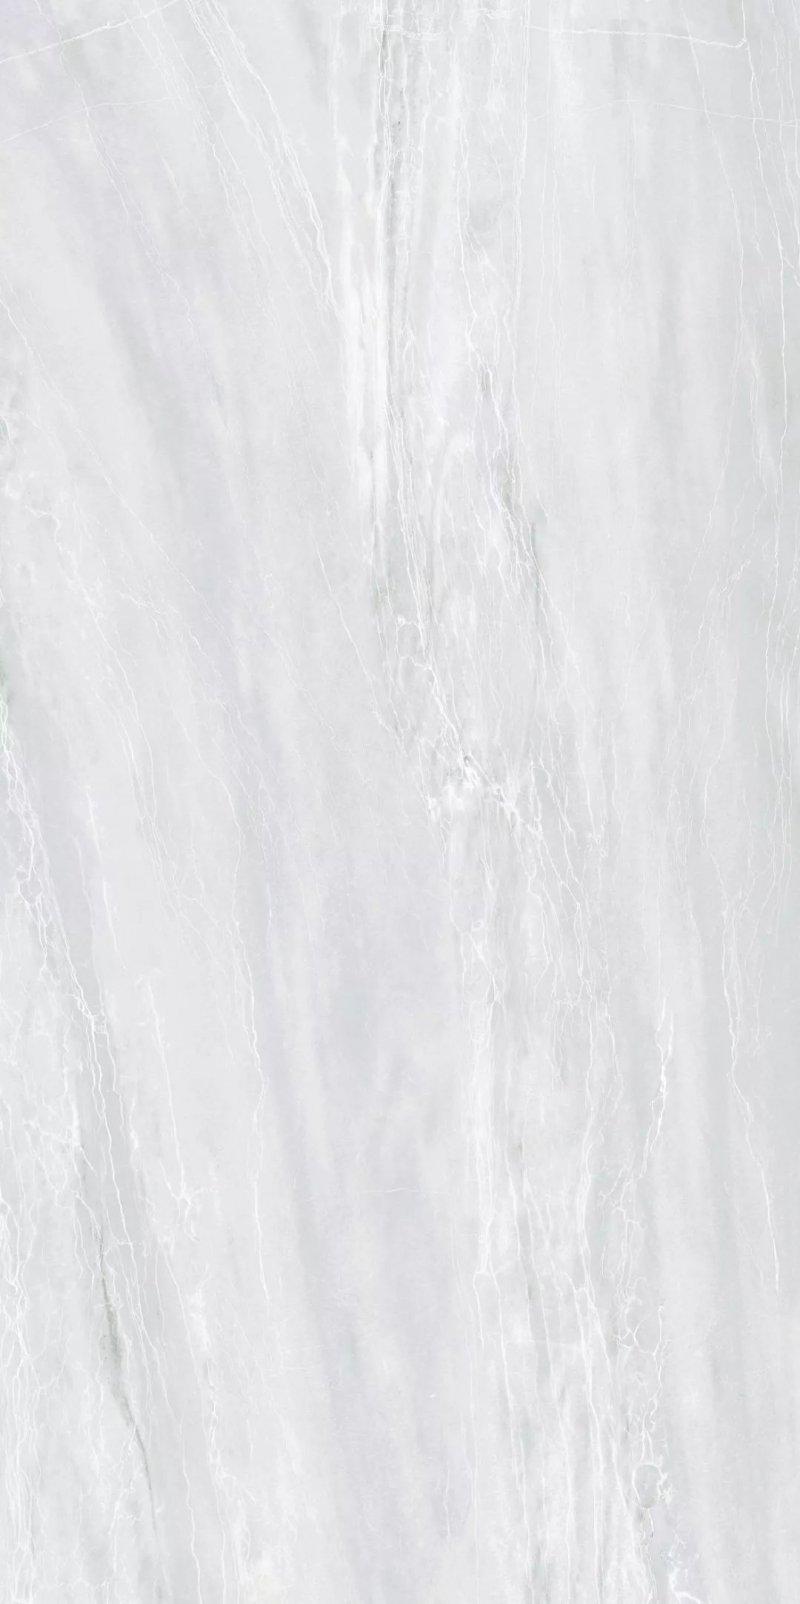 路易摩登陶瓷圖片羅納河原石系列 北歐輕奢風格陶瓷效果圖